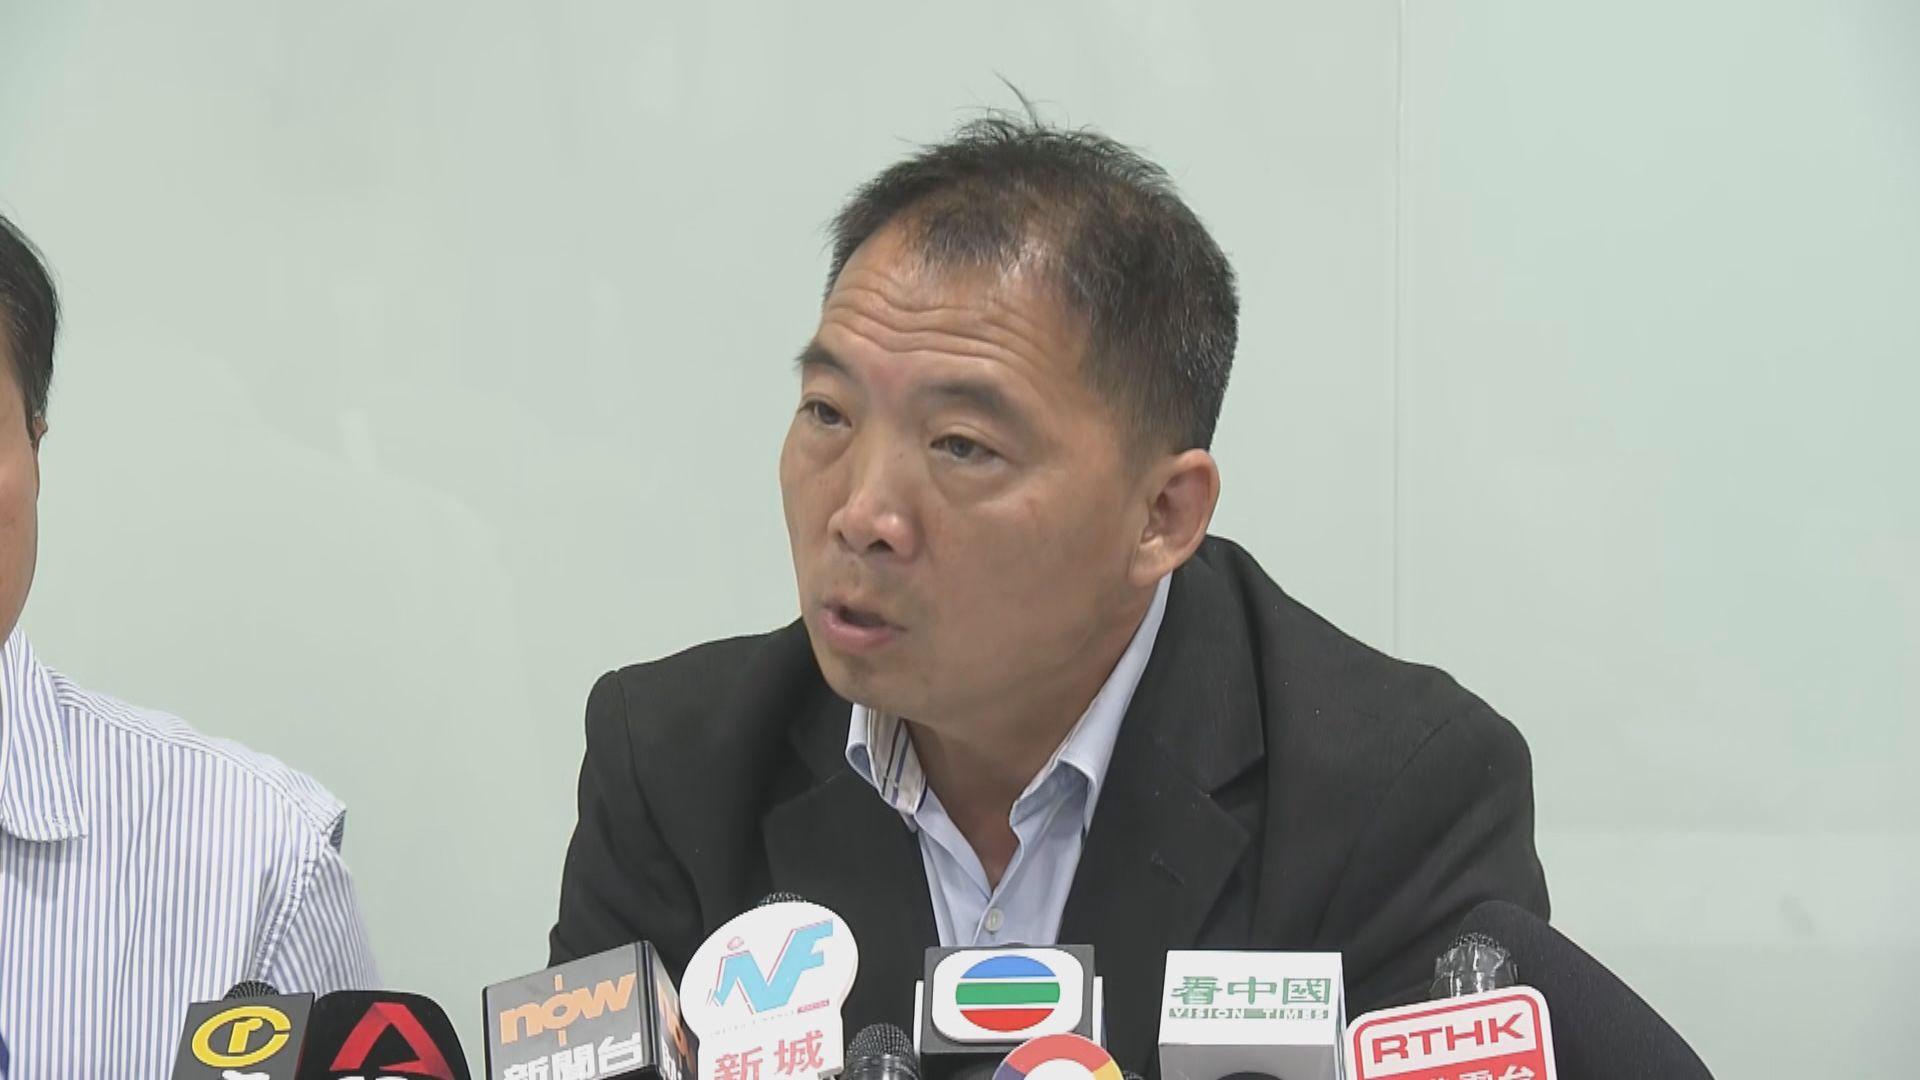 胡志偉:選舉結果是反修例運動的民意大爆發